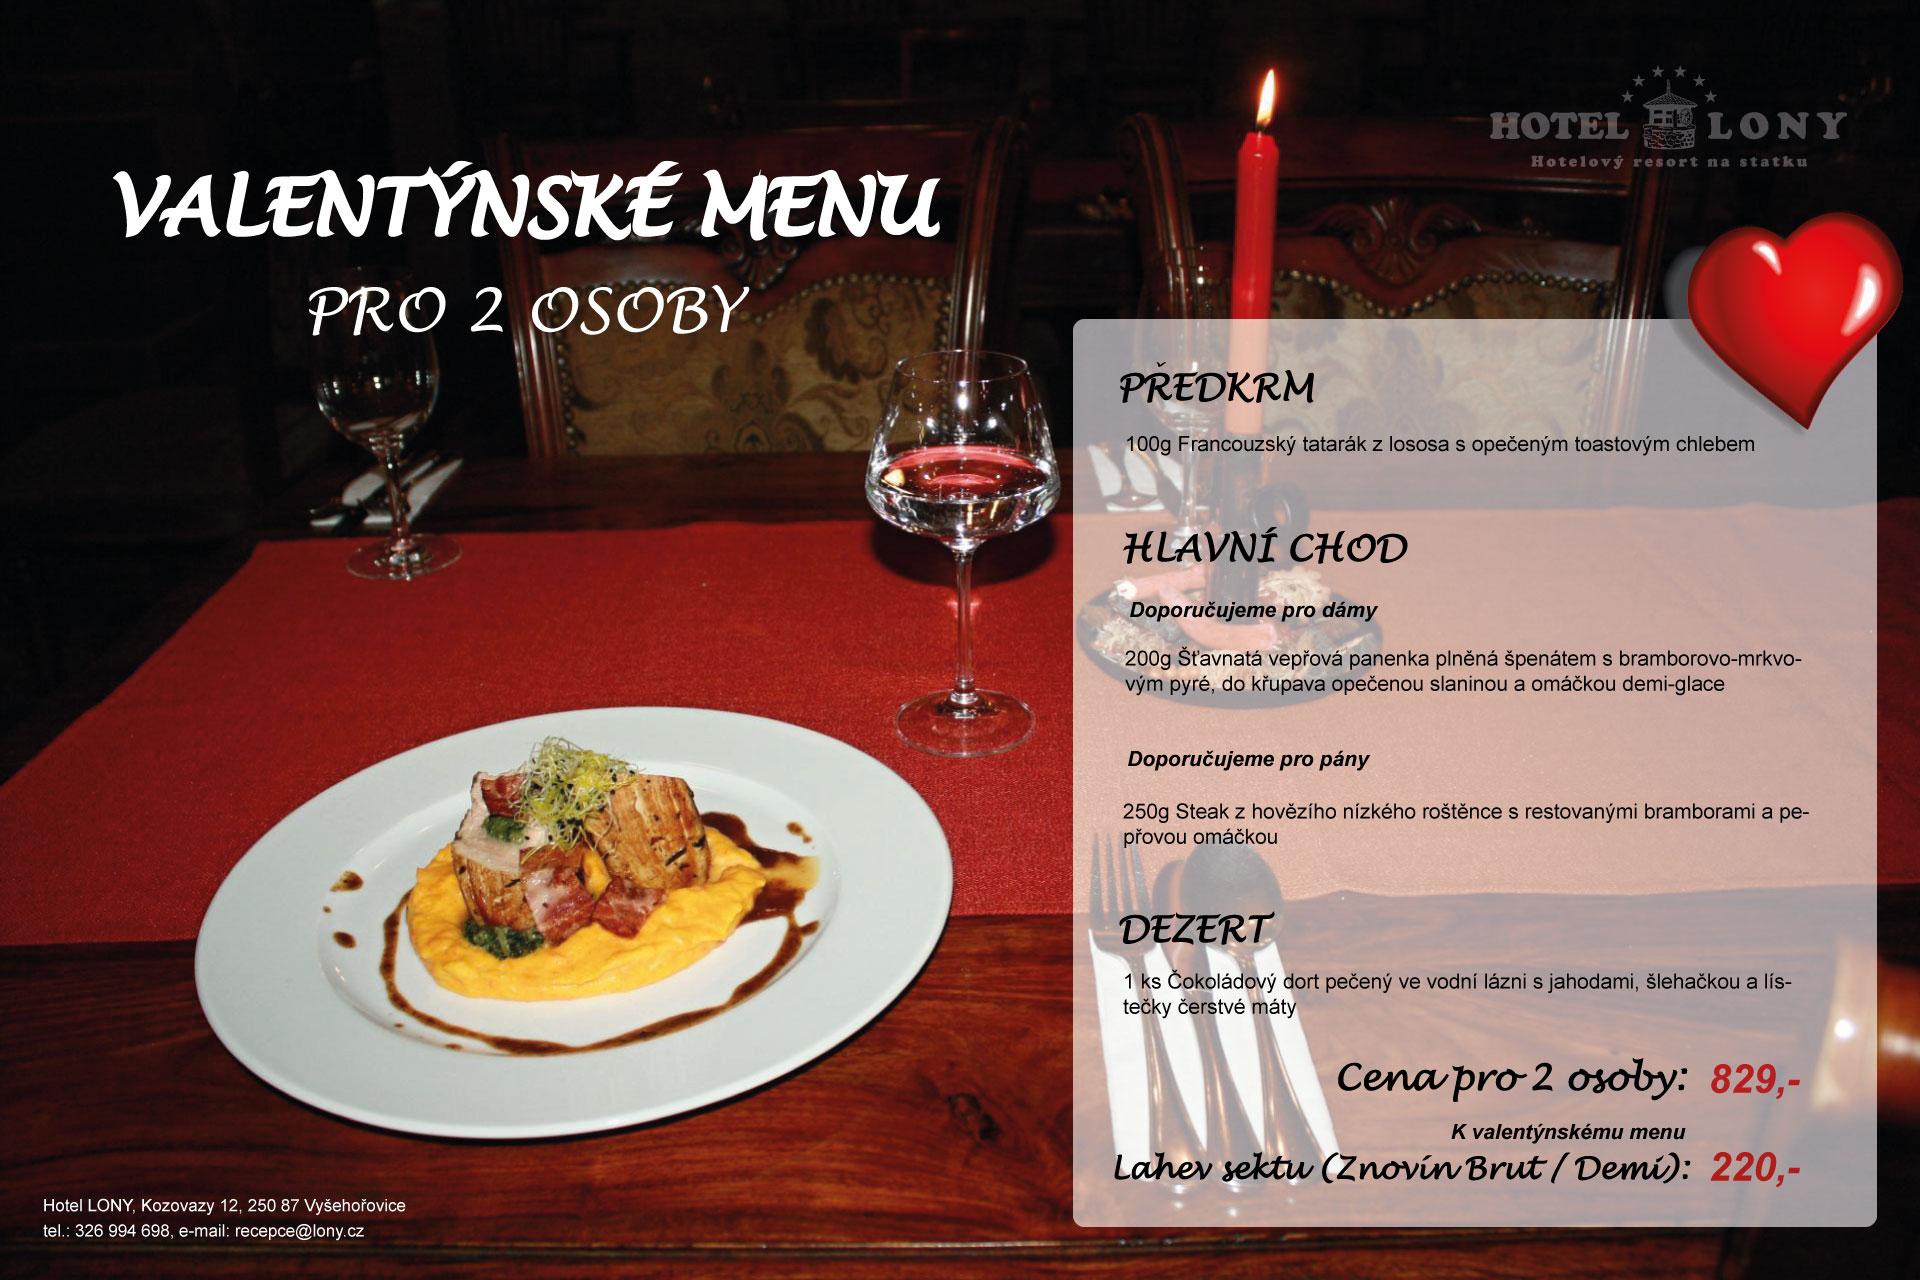 Valentýnské menu v hotelu LONY